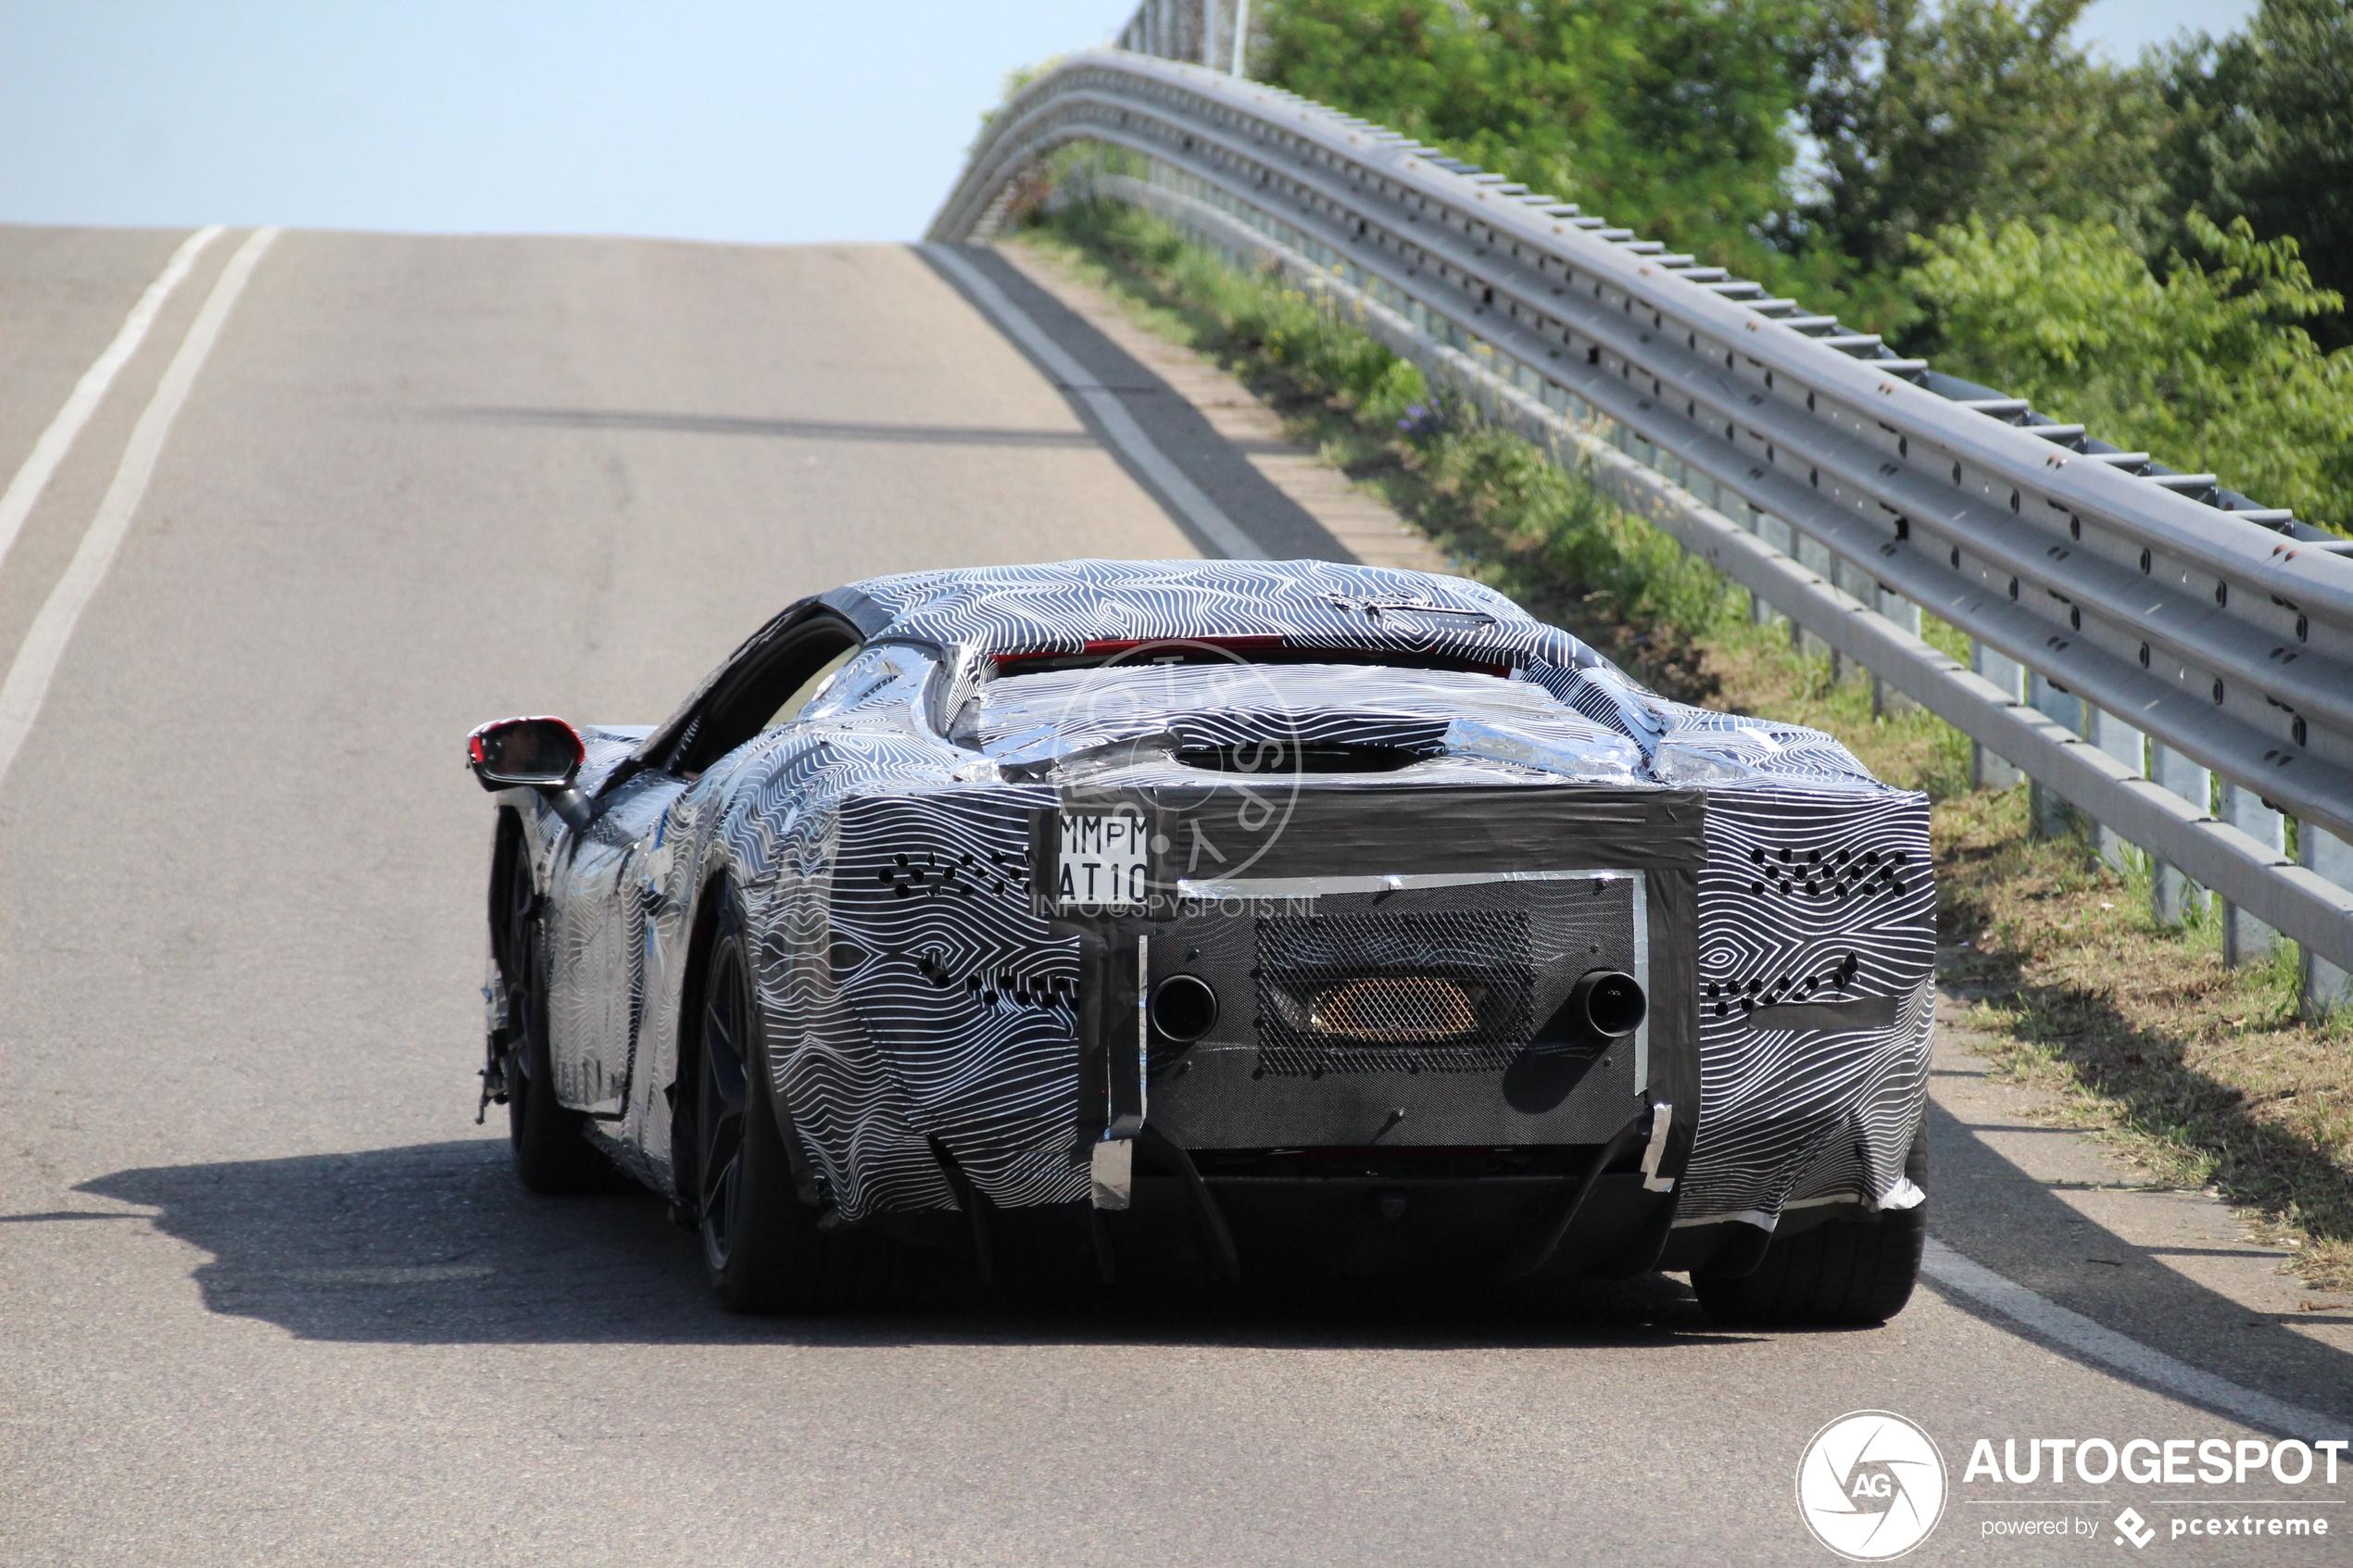 Zien we hier de opvolger van de Ferrari F8 Tributo?